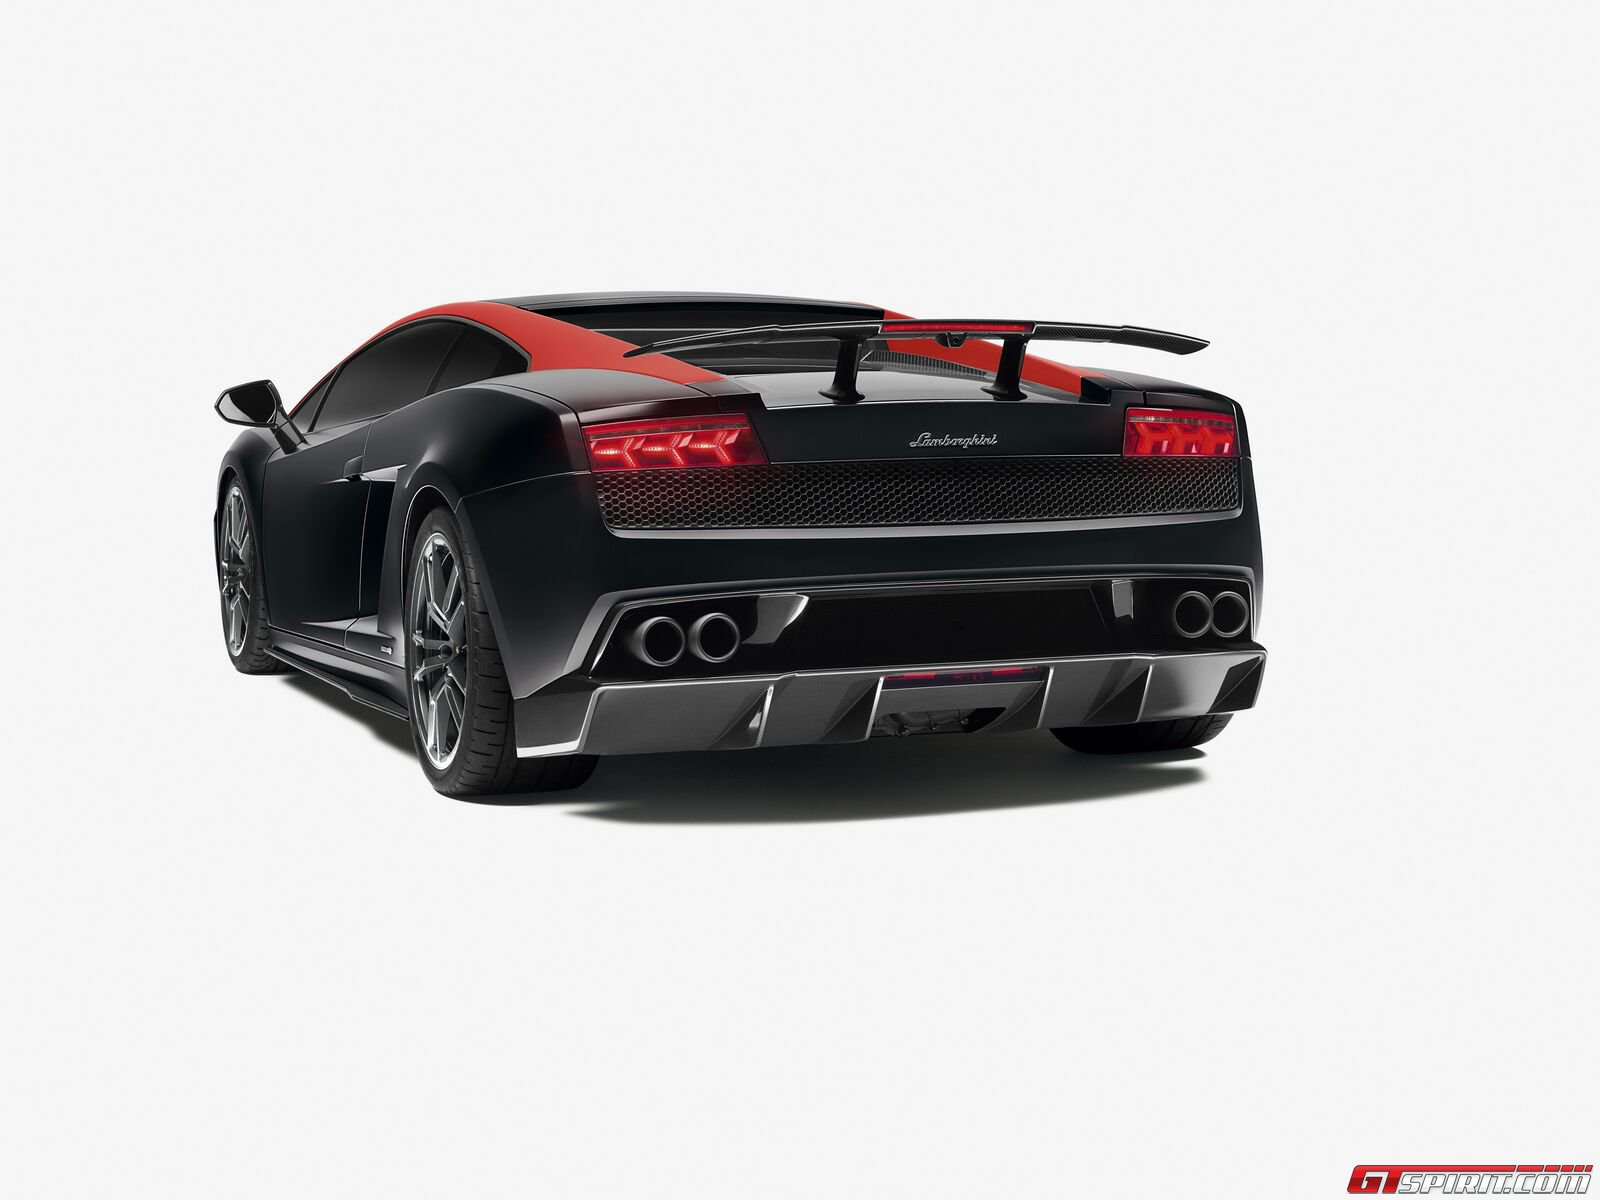 Lamborghini Gallardo LP570-4 Edizione Tecnica Photo 2